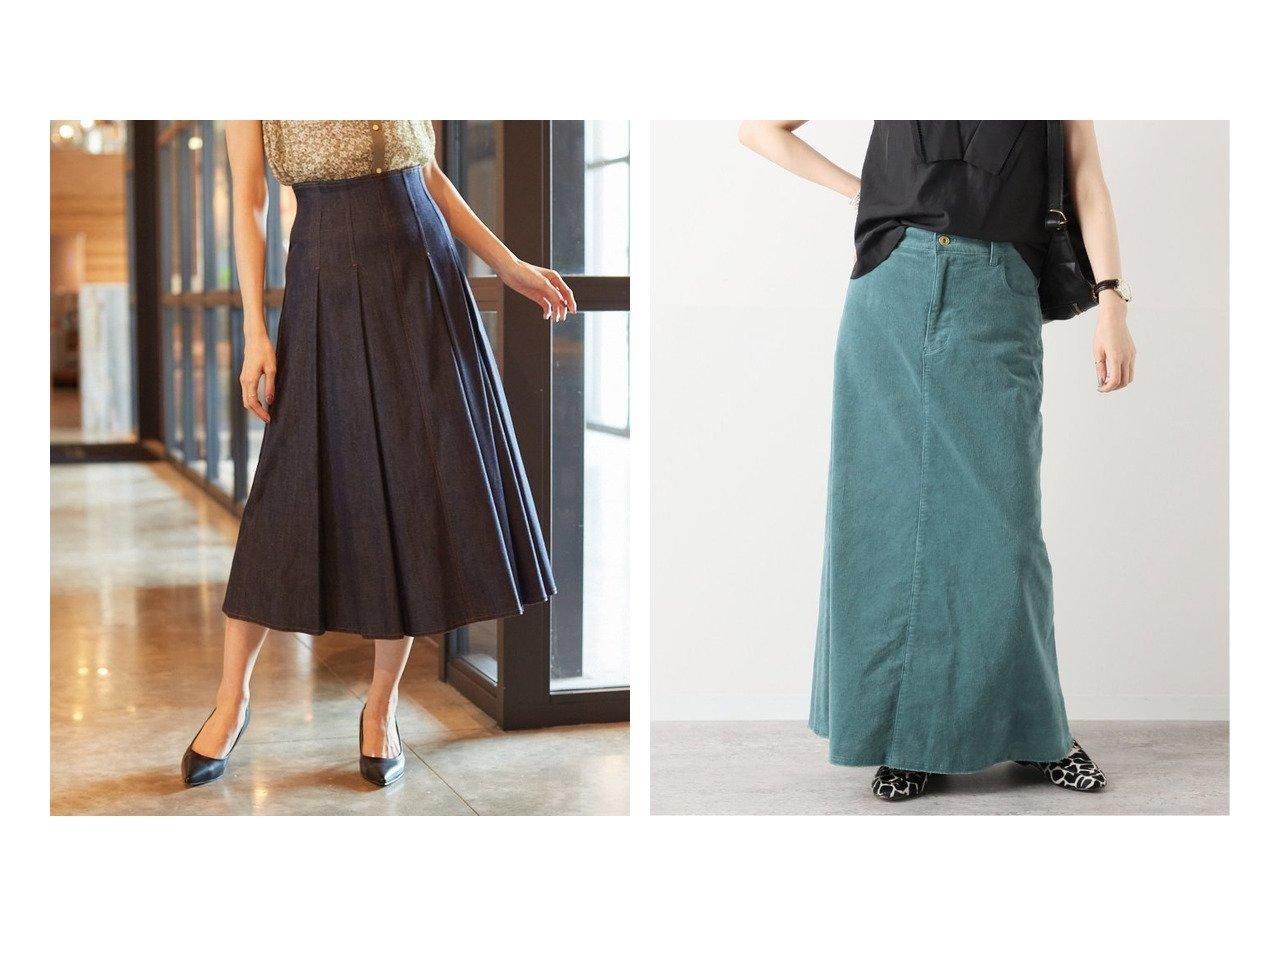 【ANAYI/アナイ】のデニムライクタック スカート&【FRAMeWORK/フレームワーク】のコールスカート 【スカート】おすすめ!人気、トレンド・レディースファッションの通販 おすすめで人気の流行・トレンド、ファッションの通販商品 インテリア・家具・メンズファッション・キッズファッション・レディースファッション・服の通販 founy(ファニー) https://founy.com/ ファッション Fashion レディースファッション WOMEN スカート Skirt Aライン/フレアスカート Flared A-Line Skirts A/W・秋冬 AW・Autumn/Winter・FW・Fall-Winter 冬 Winter ギャザー シルク ストレッチ デニム フレア 再入荷 Restock/Back in Stock/Re Arrival 2021年 2021 2021-2022秋冬・A/W AW・Autumn/Winter・FW・Fall-Winter・2021-2022 ポケット ヴィンテージ 定番 Standard |ID:crp329100000069610